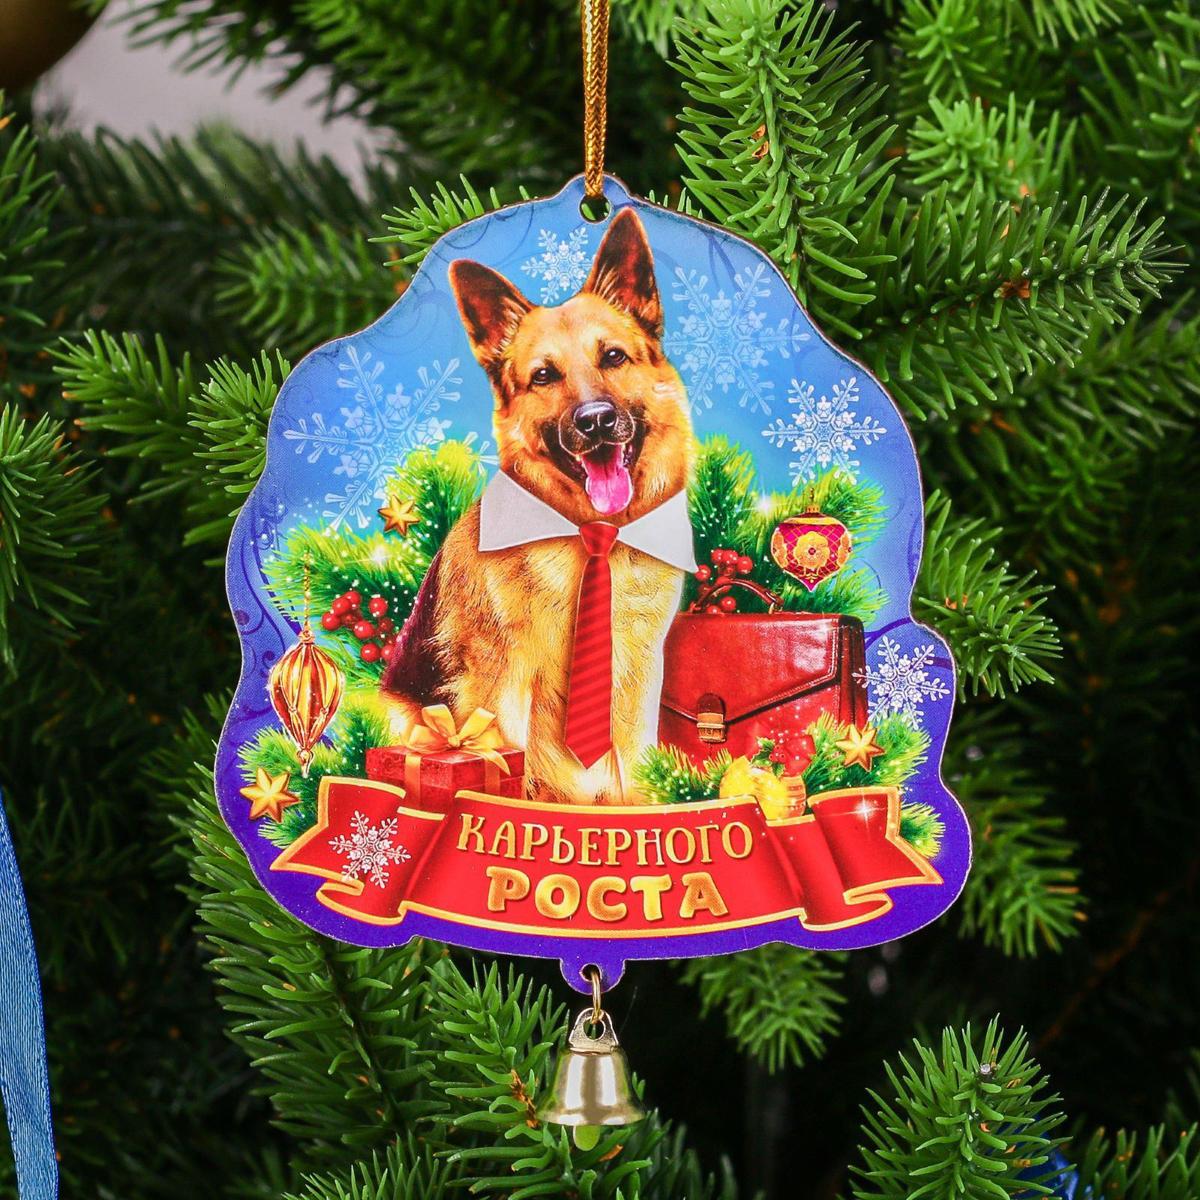 Украшение новогоднее подвесное Карьерного роста, 8,2 х 9 см2252492Новогоднее подвесное украшение, выполненное из дерева, отлично подойдет для декорации вашего дома и новогодней ели. С помощьюспециальной петельки украшение можно повесить в любом понравившемся вам месте. Но, конечно, удачнее всего оно будет смотреться напраздничной елке. Украшение дополнено металлическим колокольчиком.Елочная игрушка - символ Нового года. Она несет в себеволшебство и красоту праздника. Такое украшение создаст ввашем доме атмосферу праздника, веселья и радости.